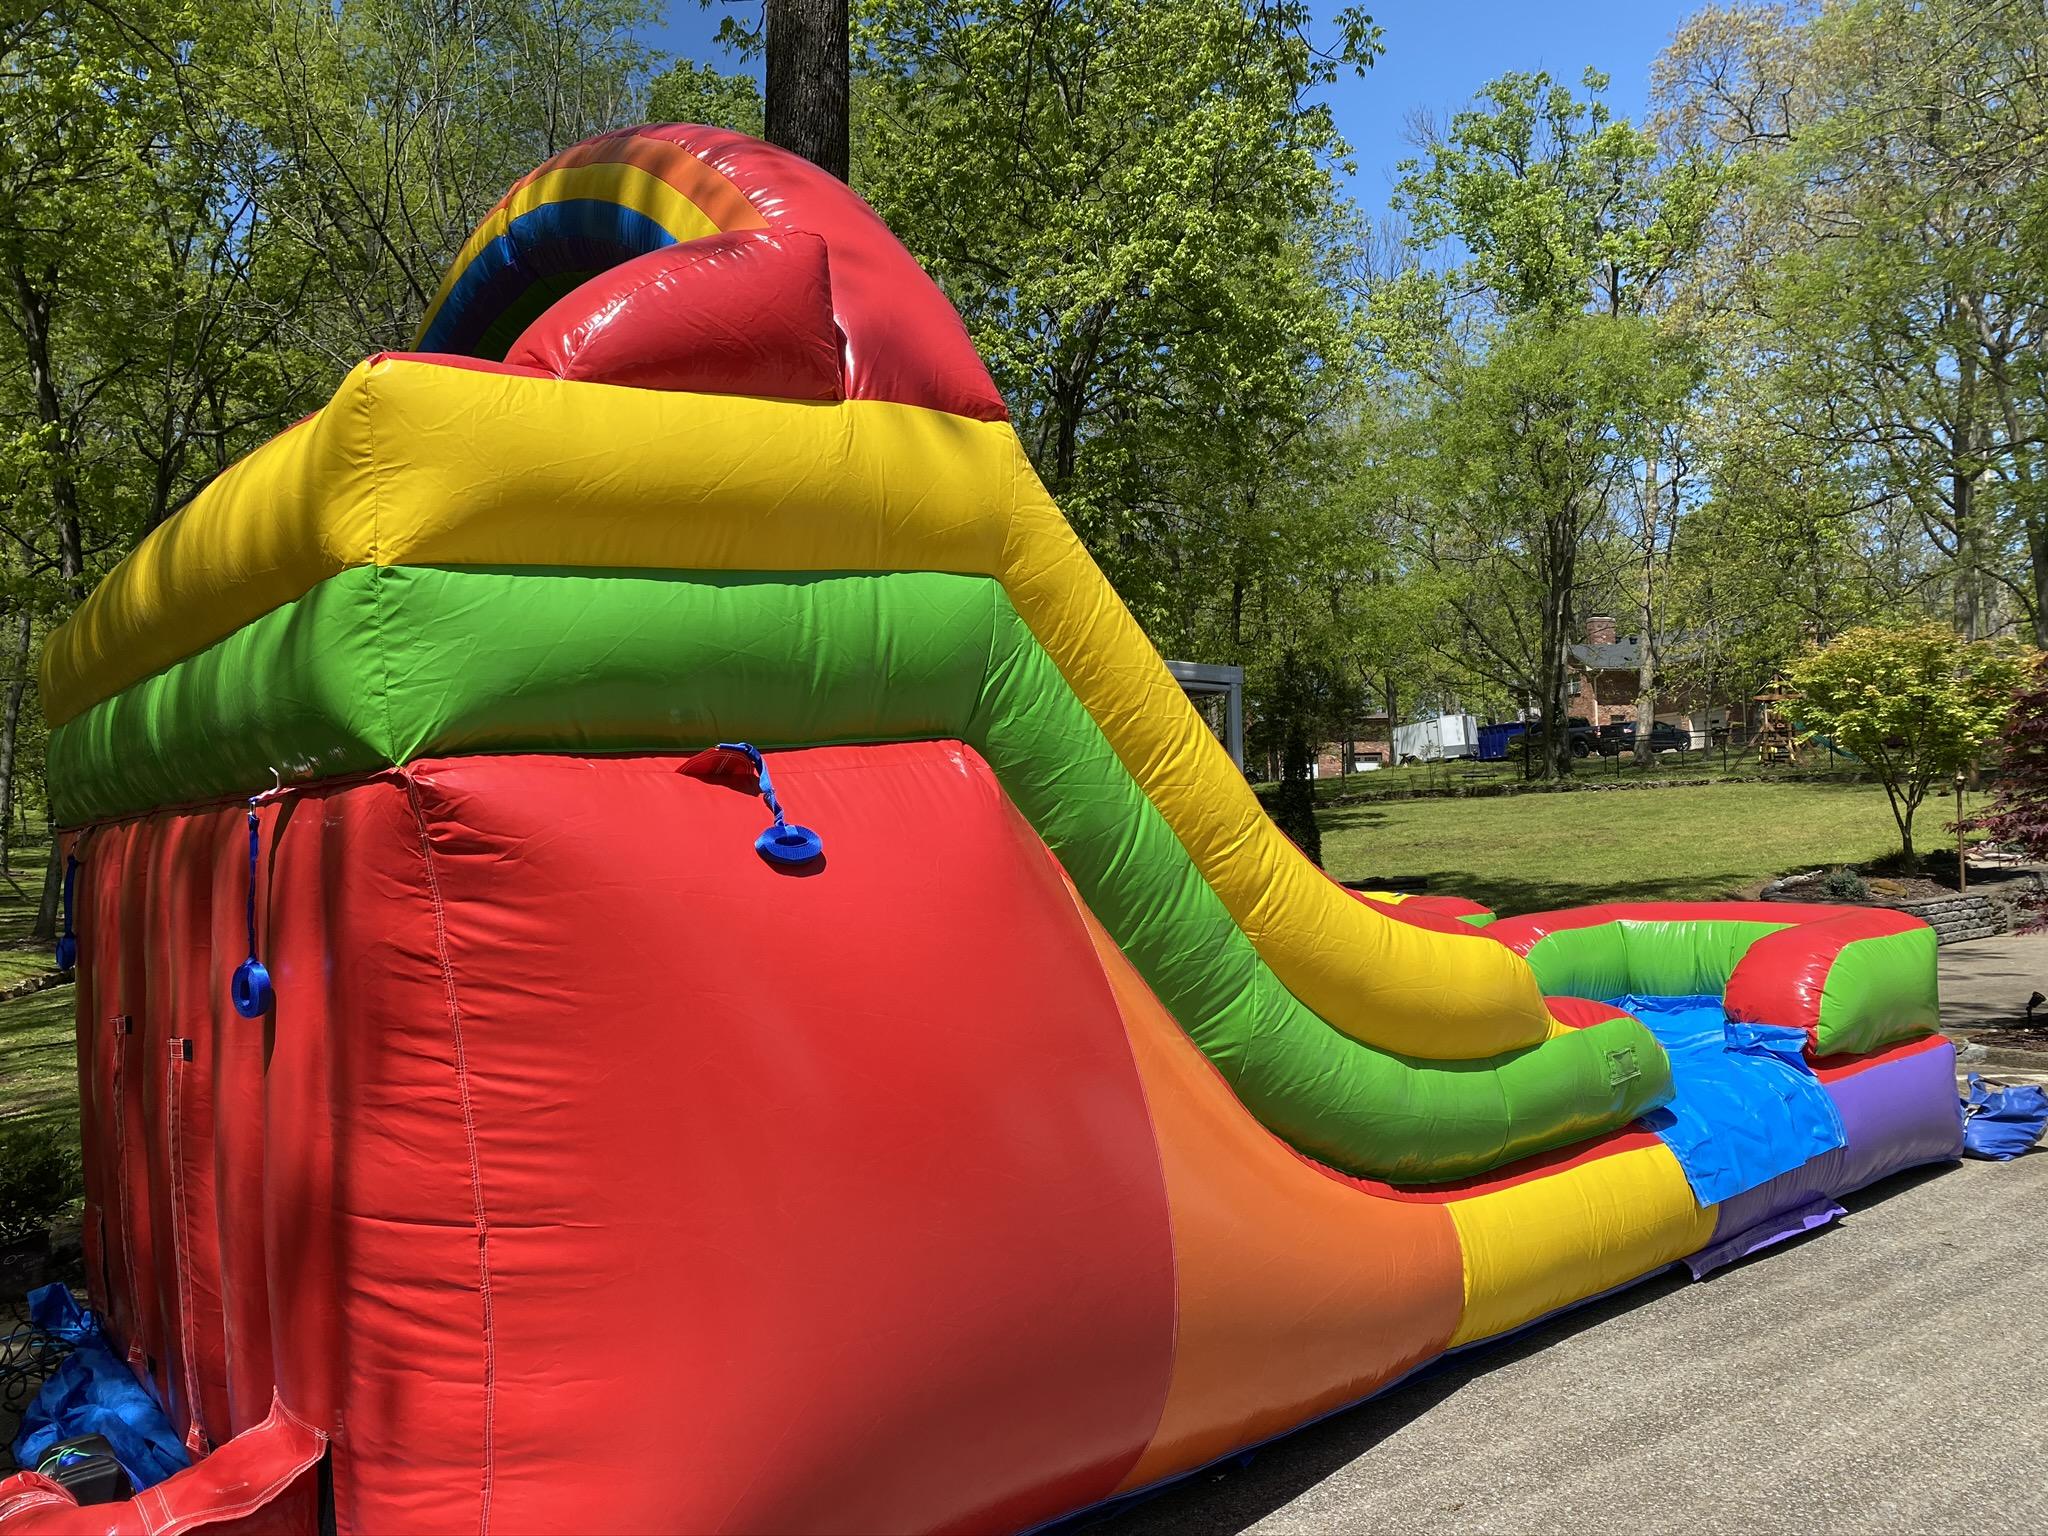 Backyard Double Water Slide - Inflatable Bounce Houses ...